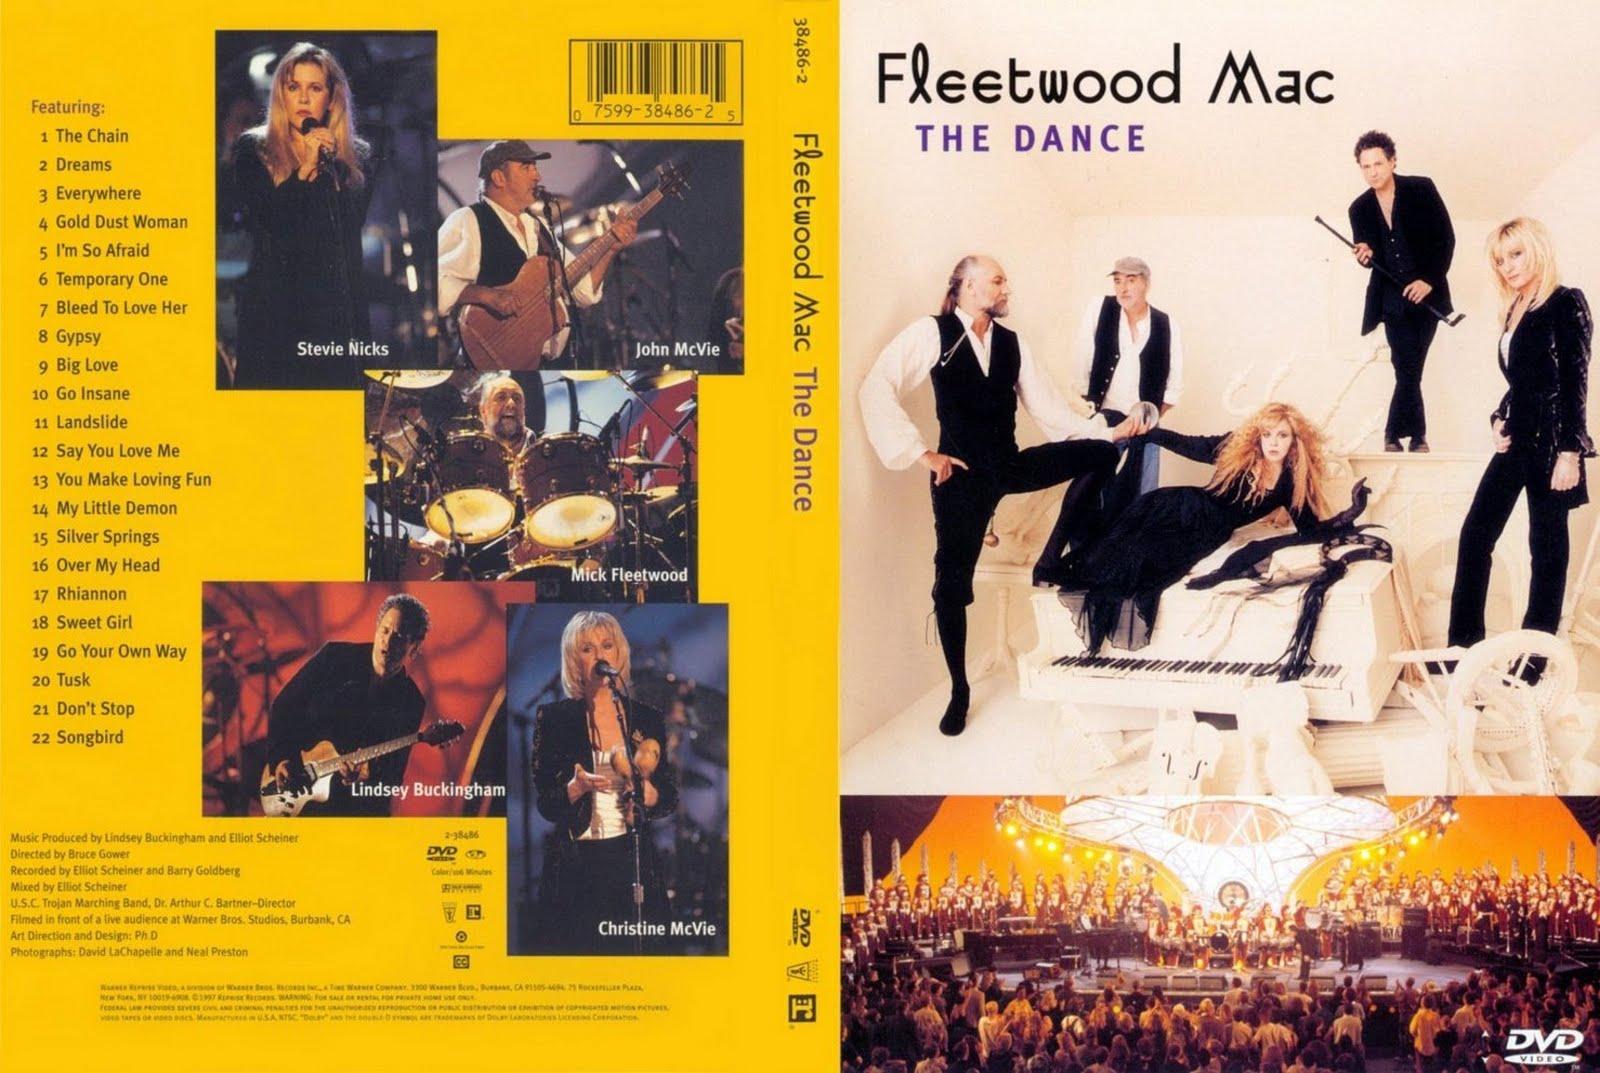 http://1.bp.blogspot.com/_se0zHB8H7oU/S_MdVD2bdLI/AAAAAAAACgo/3ZVykde39go/s1600/Fleetwood+Mac+-+The+Dance+-+Cover+(1-2).jpg